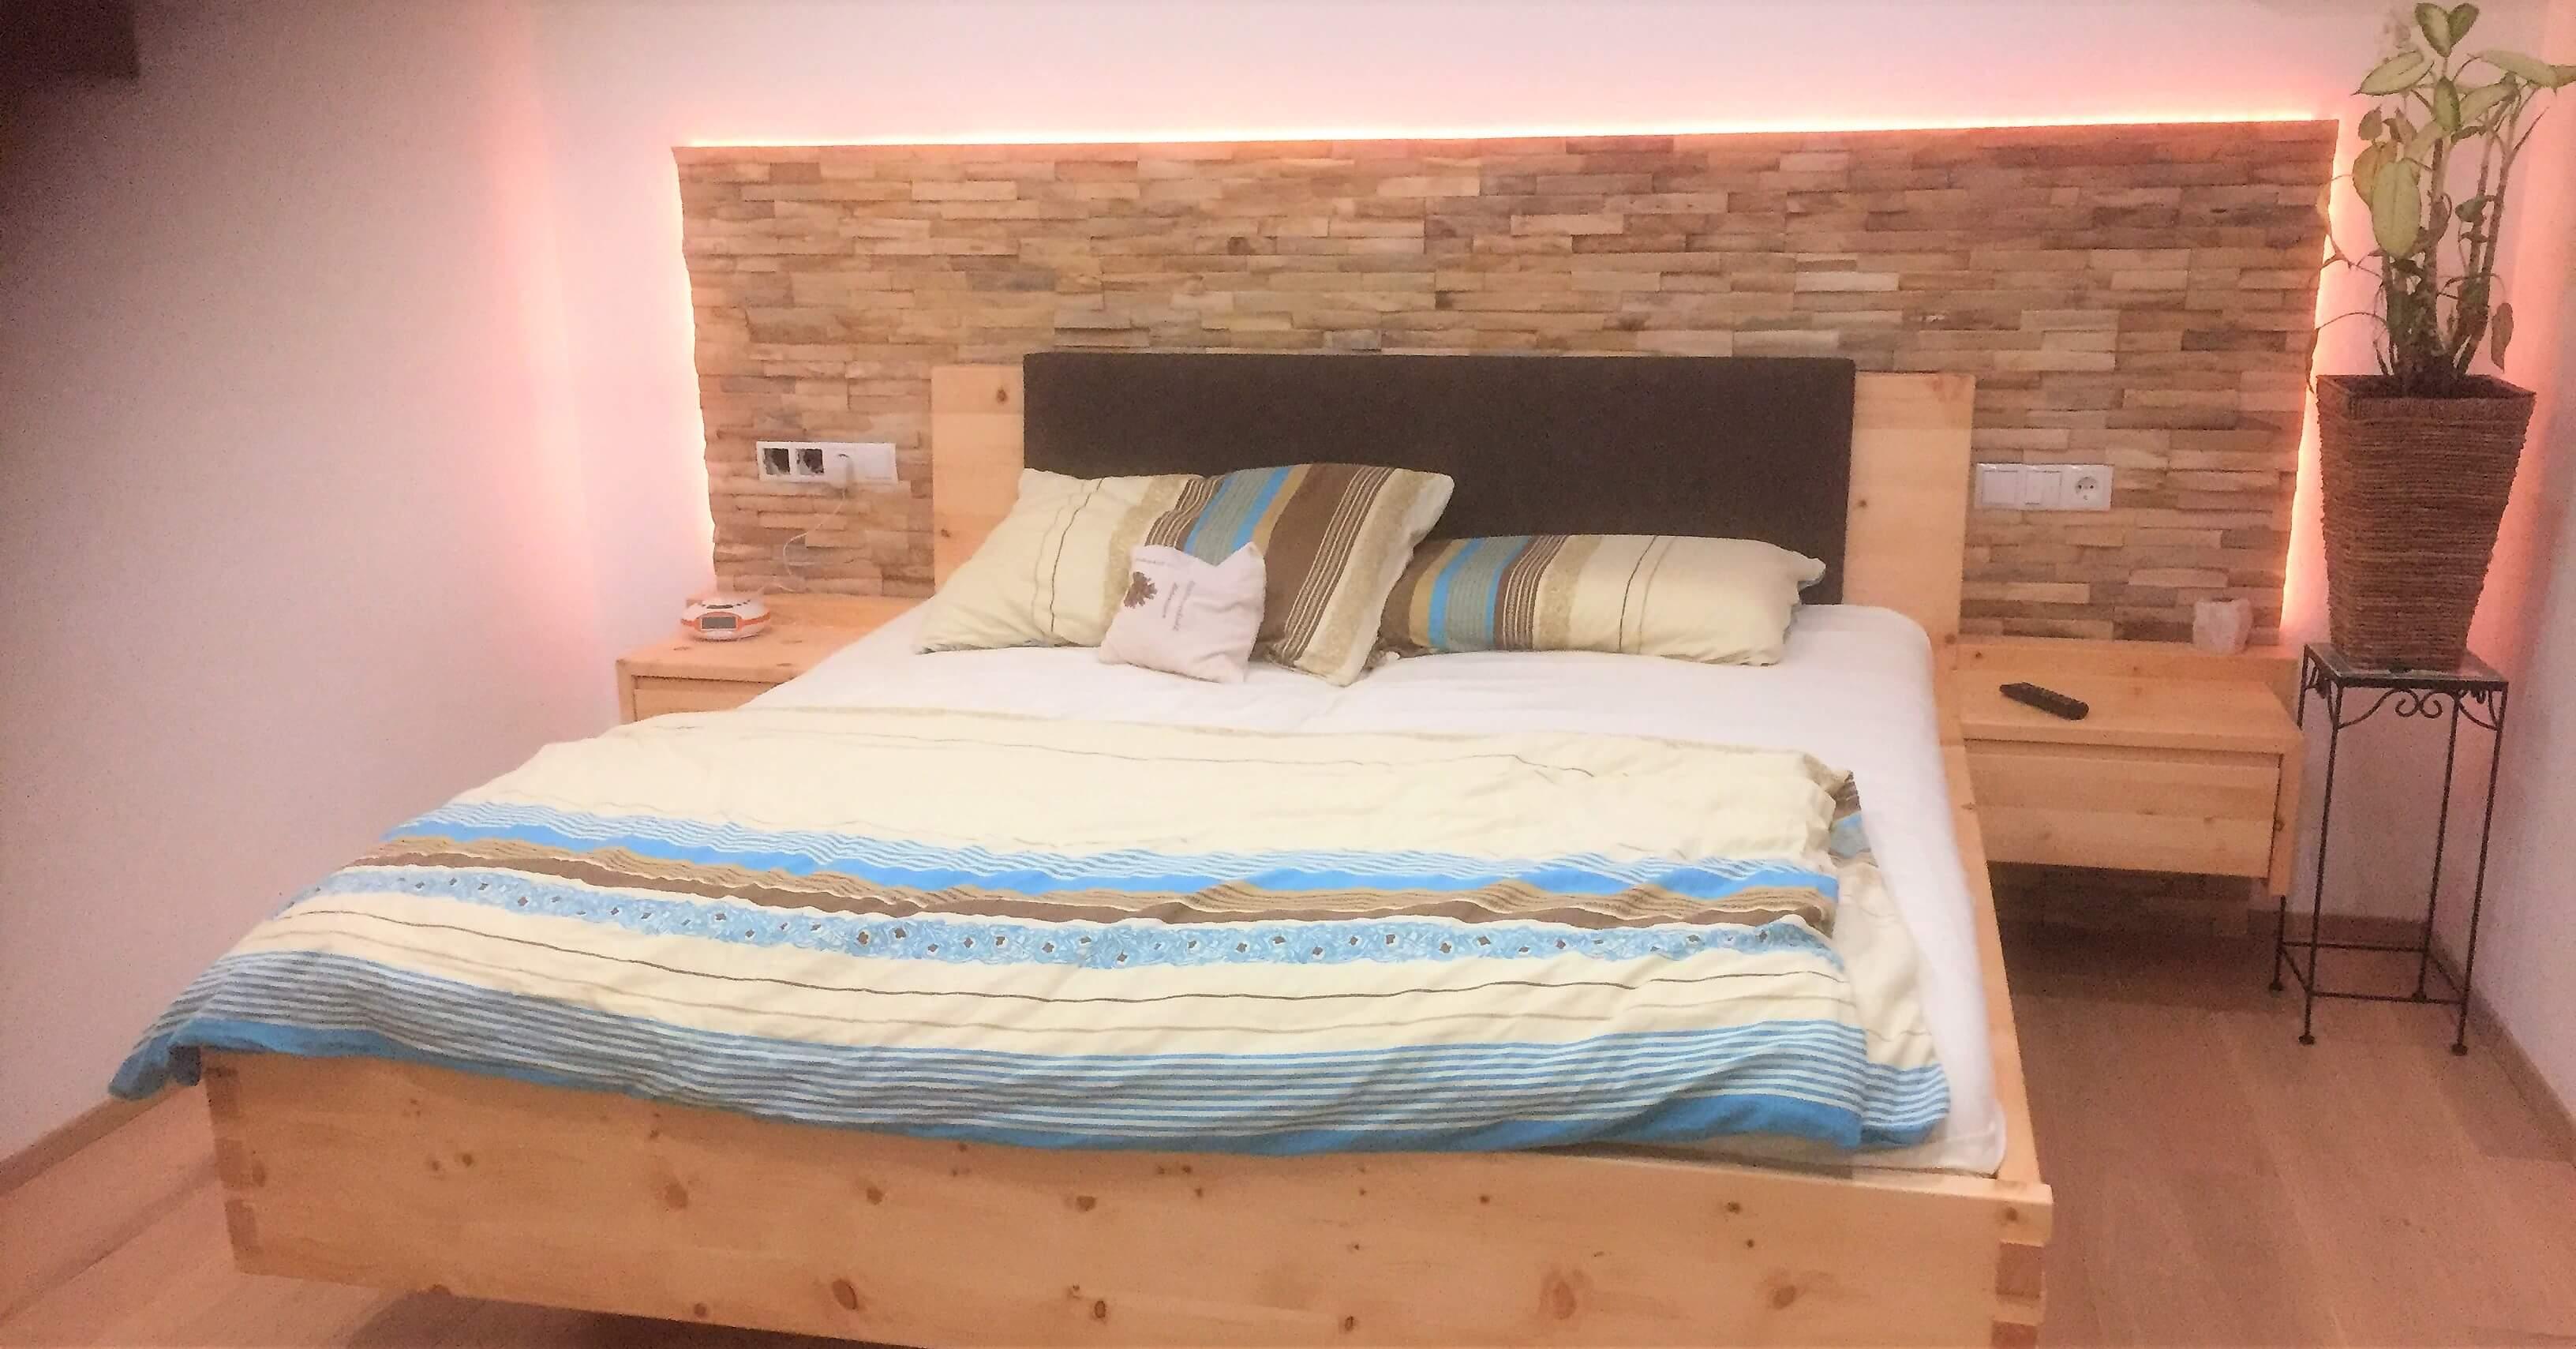 Schlafzimmer Tischlerei Hausleitner Kuchen Turen Mobel Wohnen Mit Holz